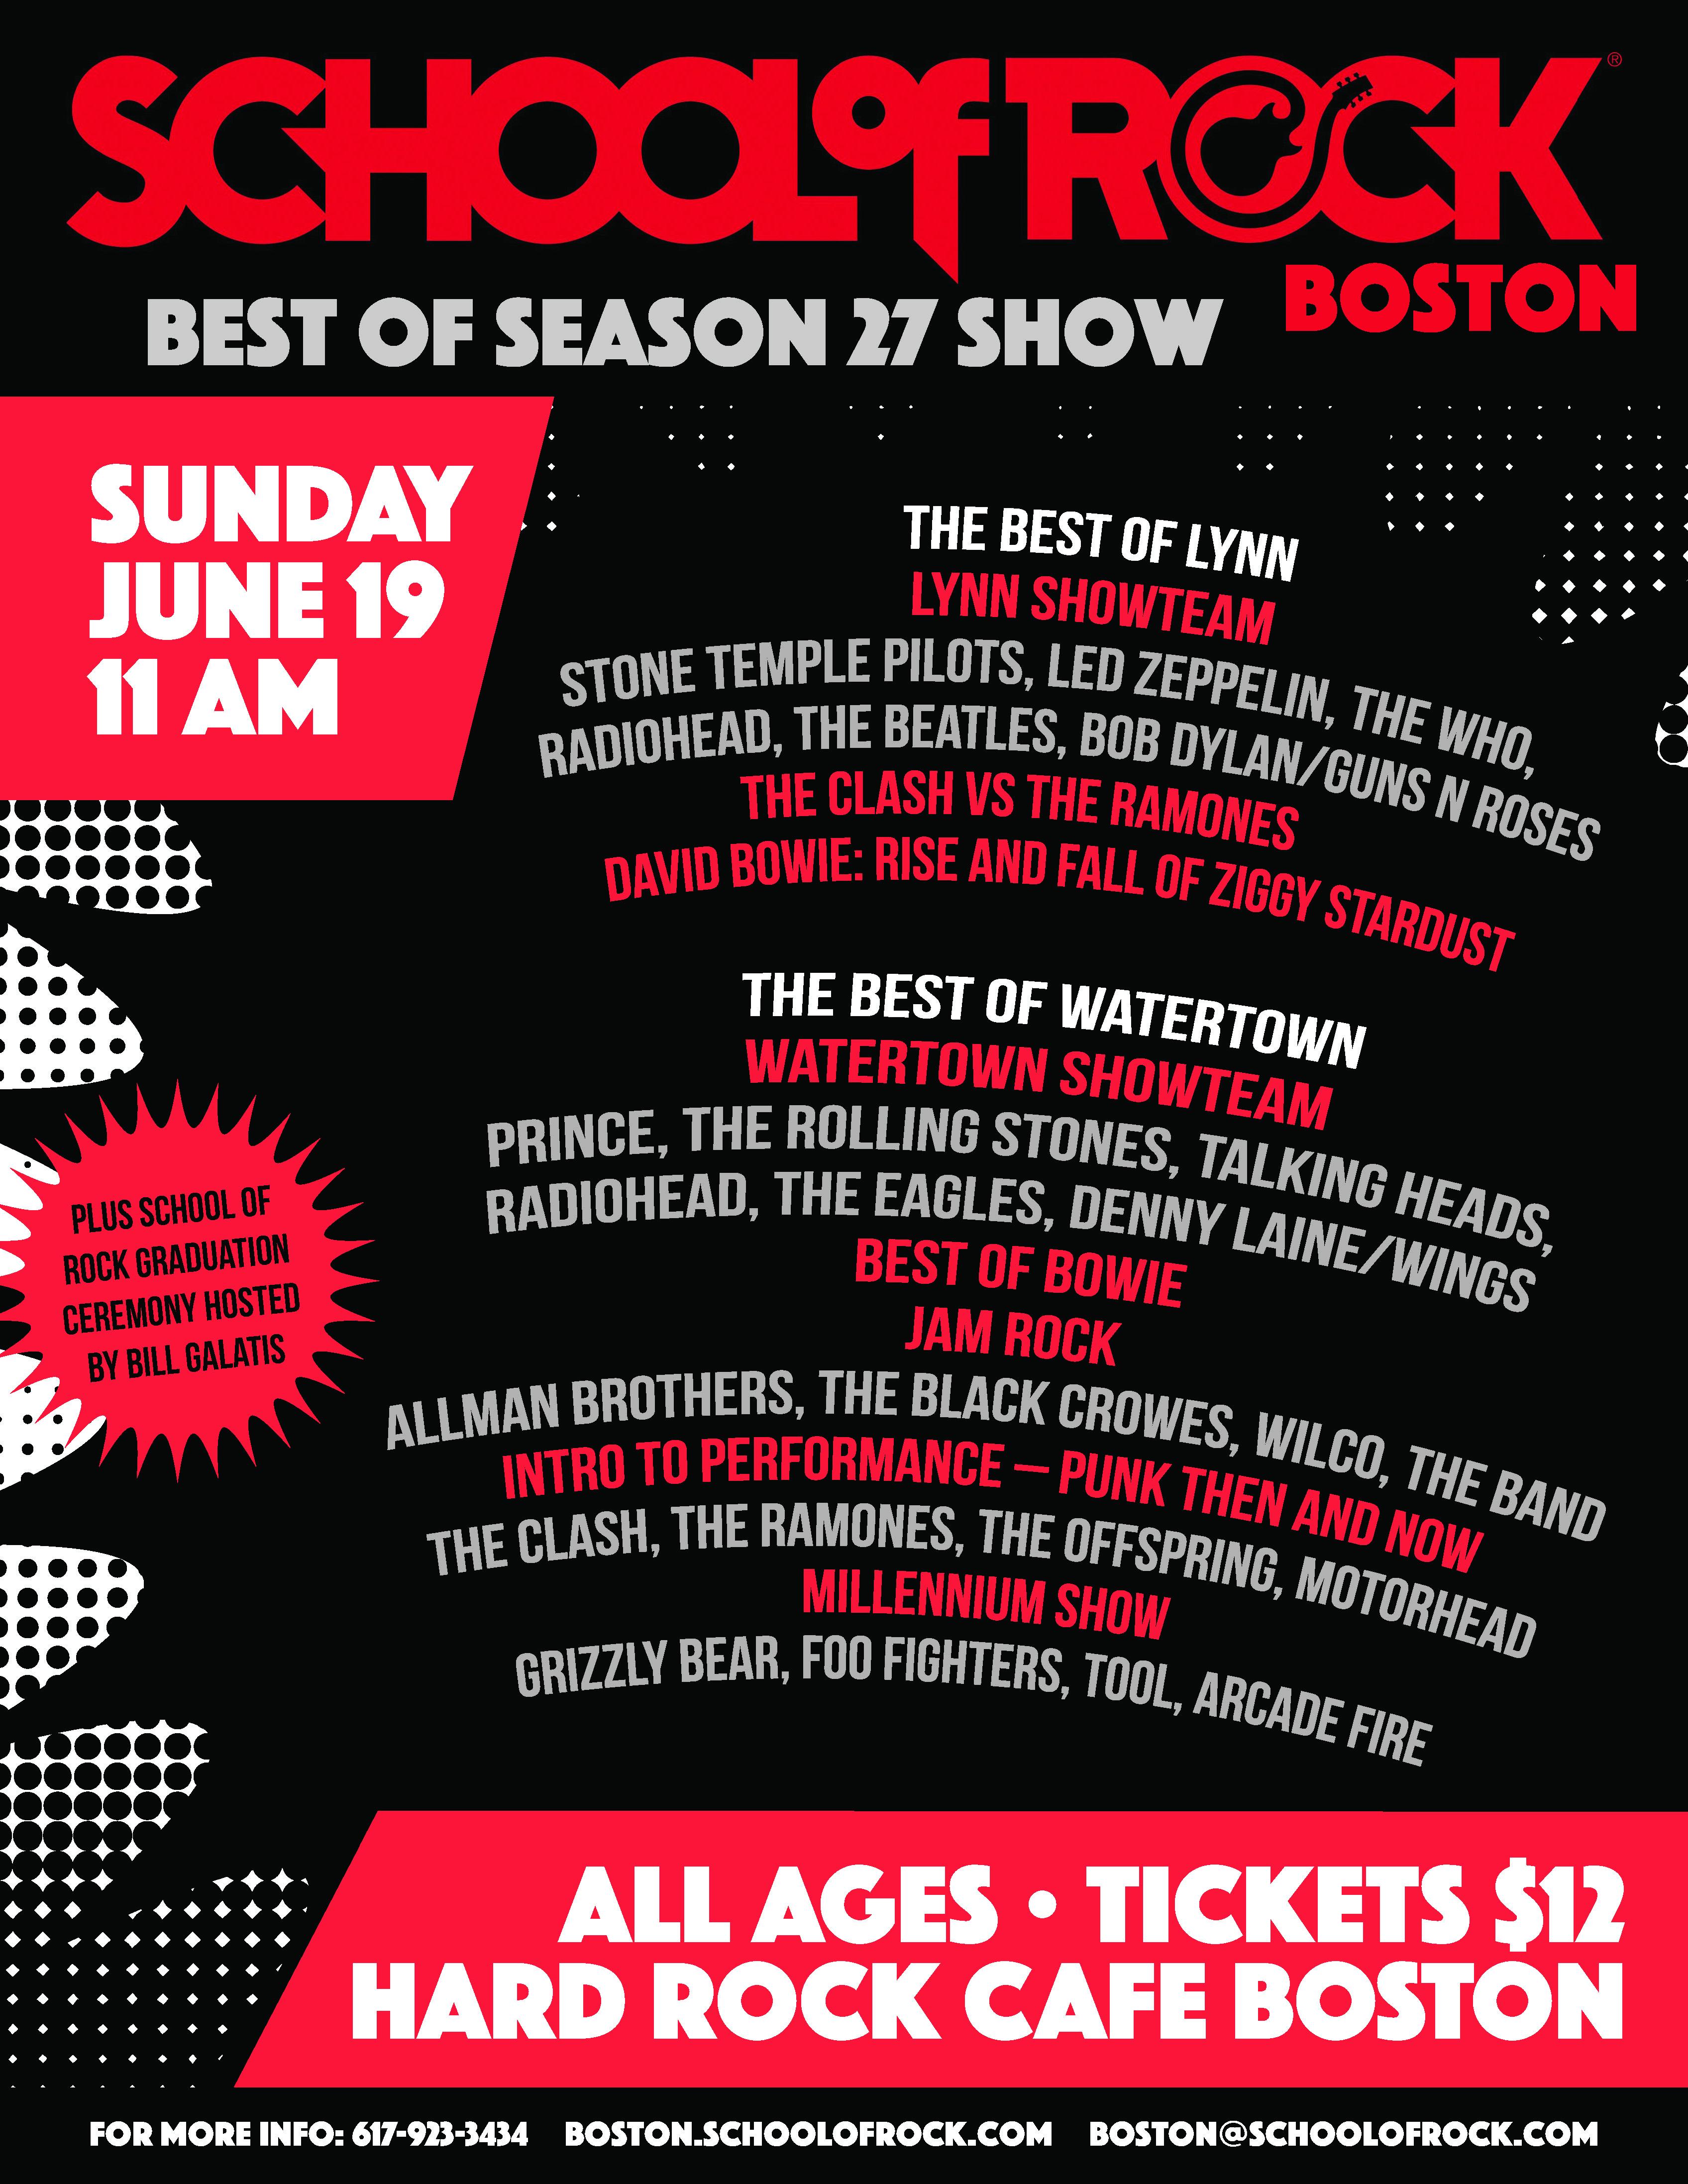 Season 27 BEST OF SEASON Show Flyer